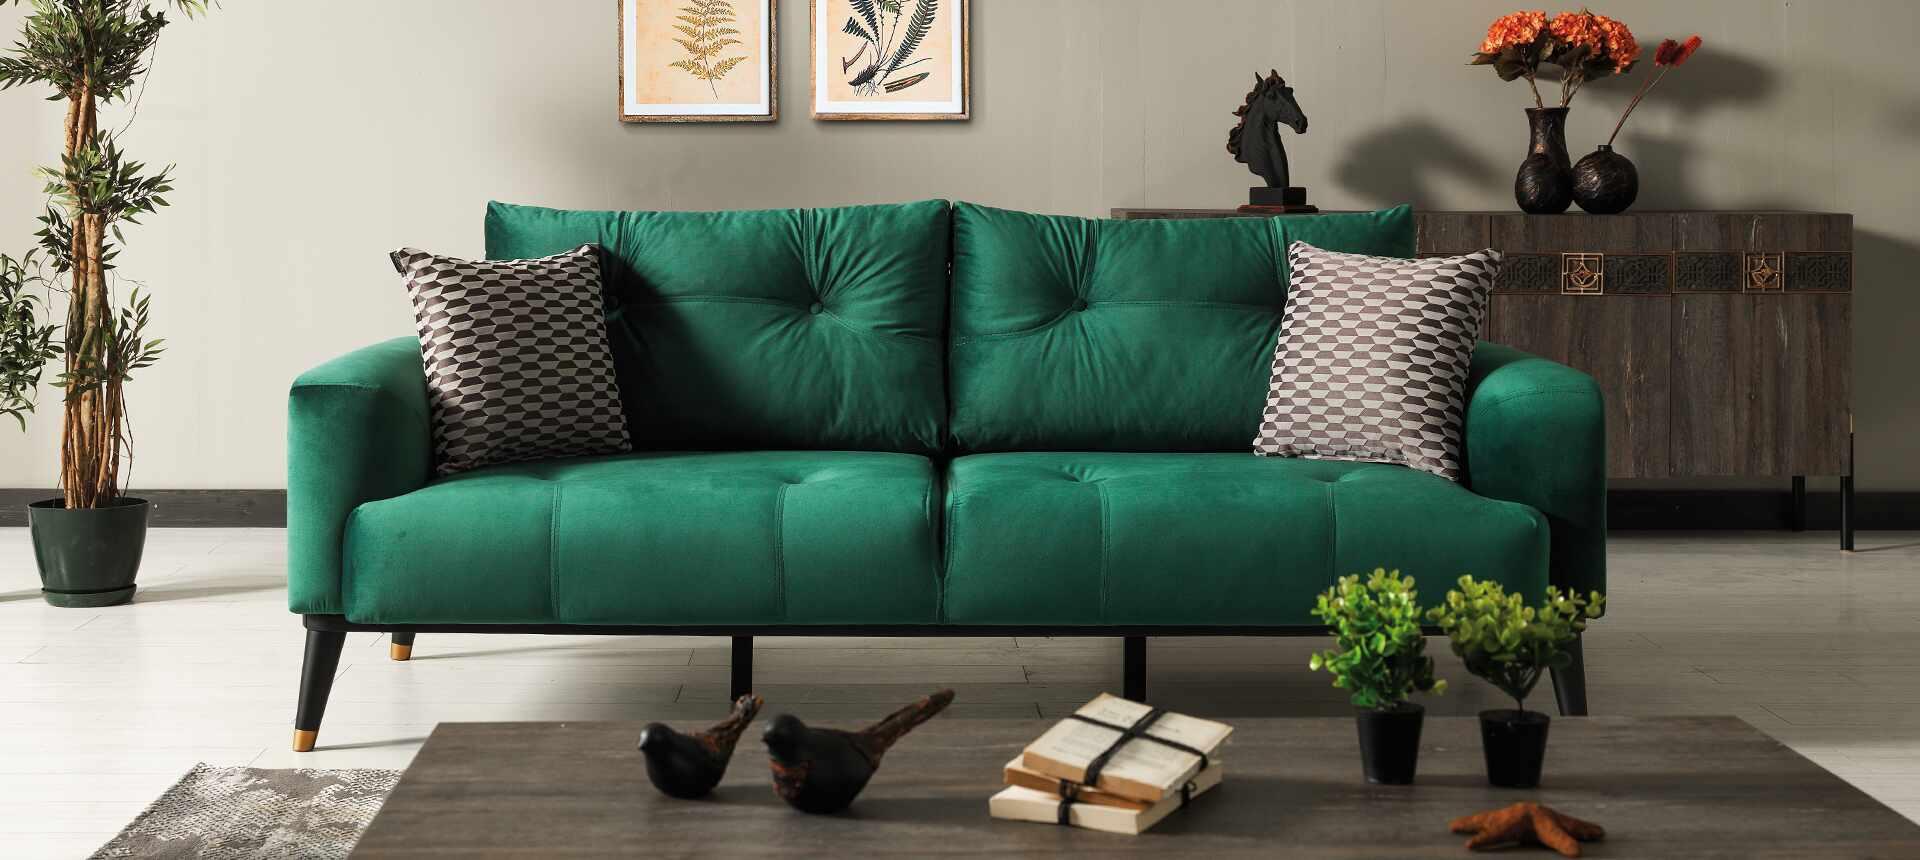 Canapea tapitata cu stofa si piele ecologica, 3 locuri, cu functie sleep pentru 1 persoana Wella Verde K1, l217xA98xH76 cm la pret 3305 lei